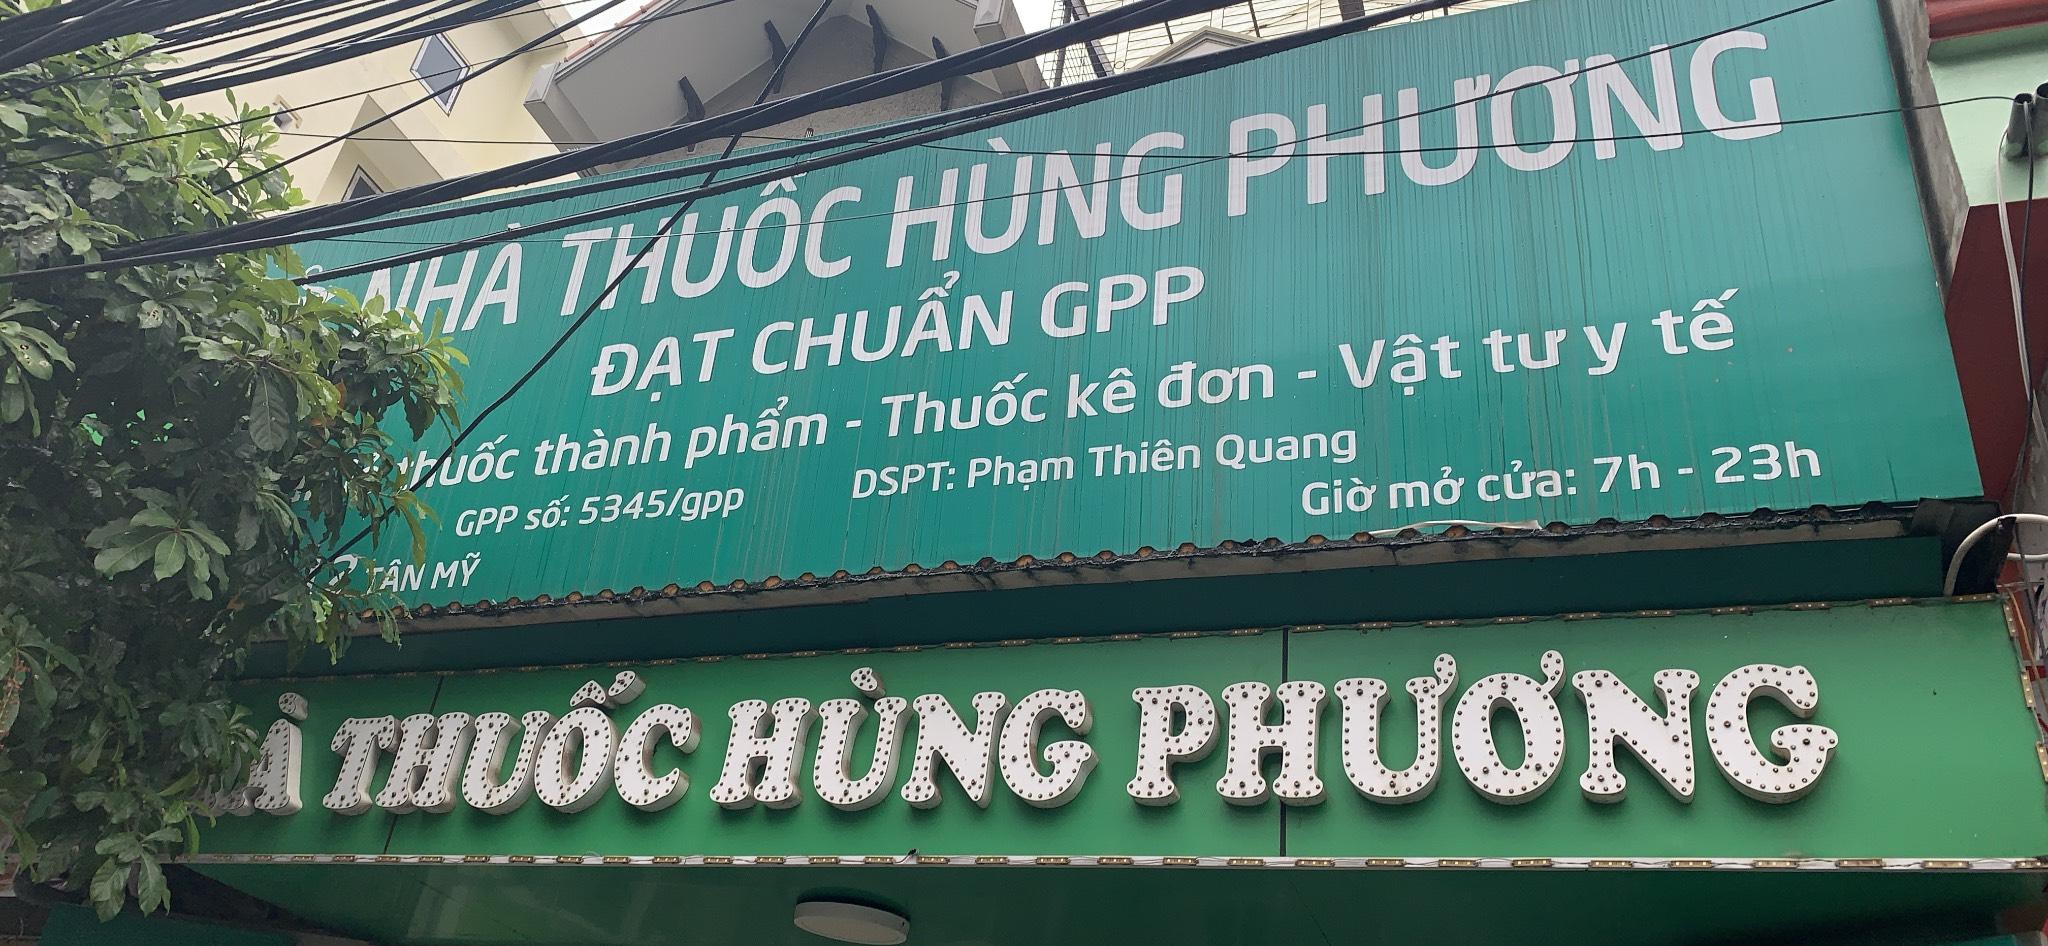 NT Hùng Phương